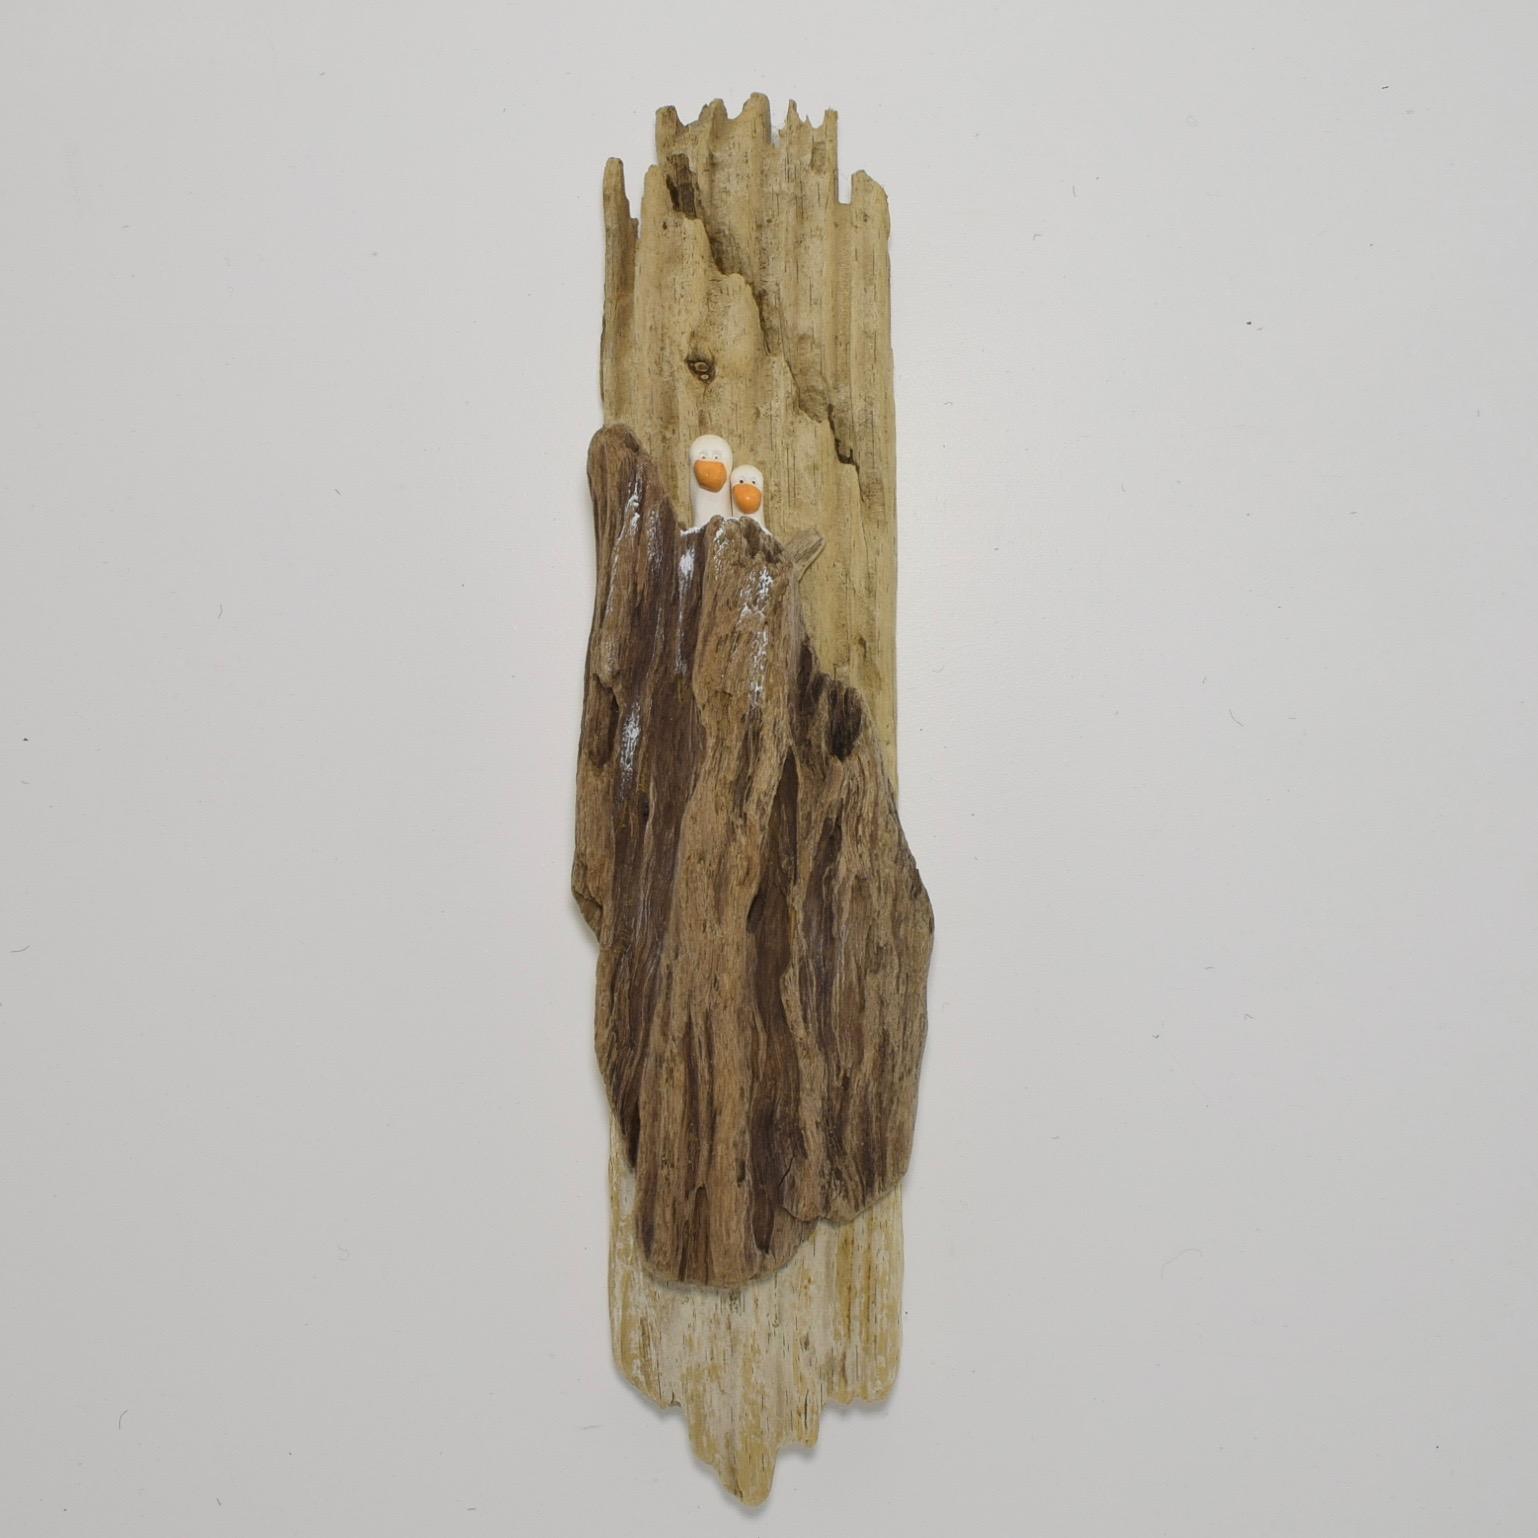 driftwood-art-craft-seagulls- inspiration-new-zealand